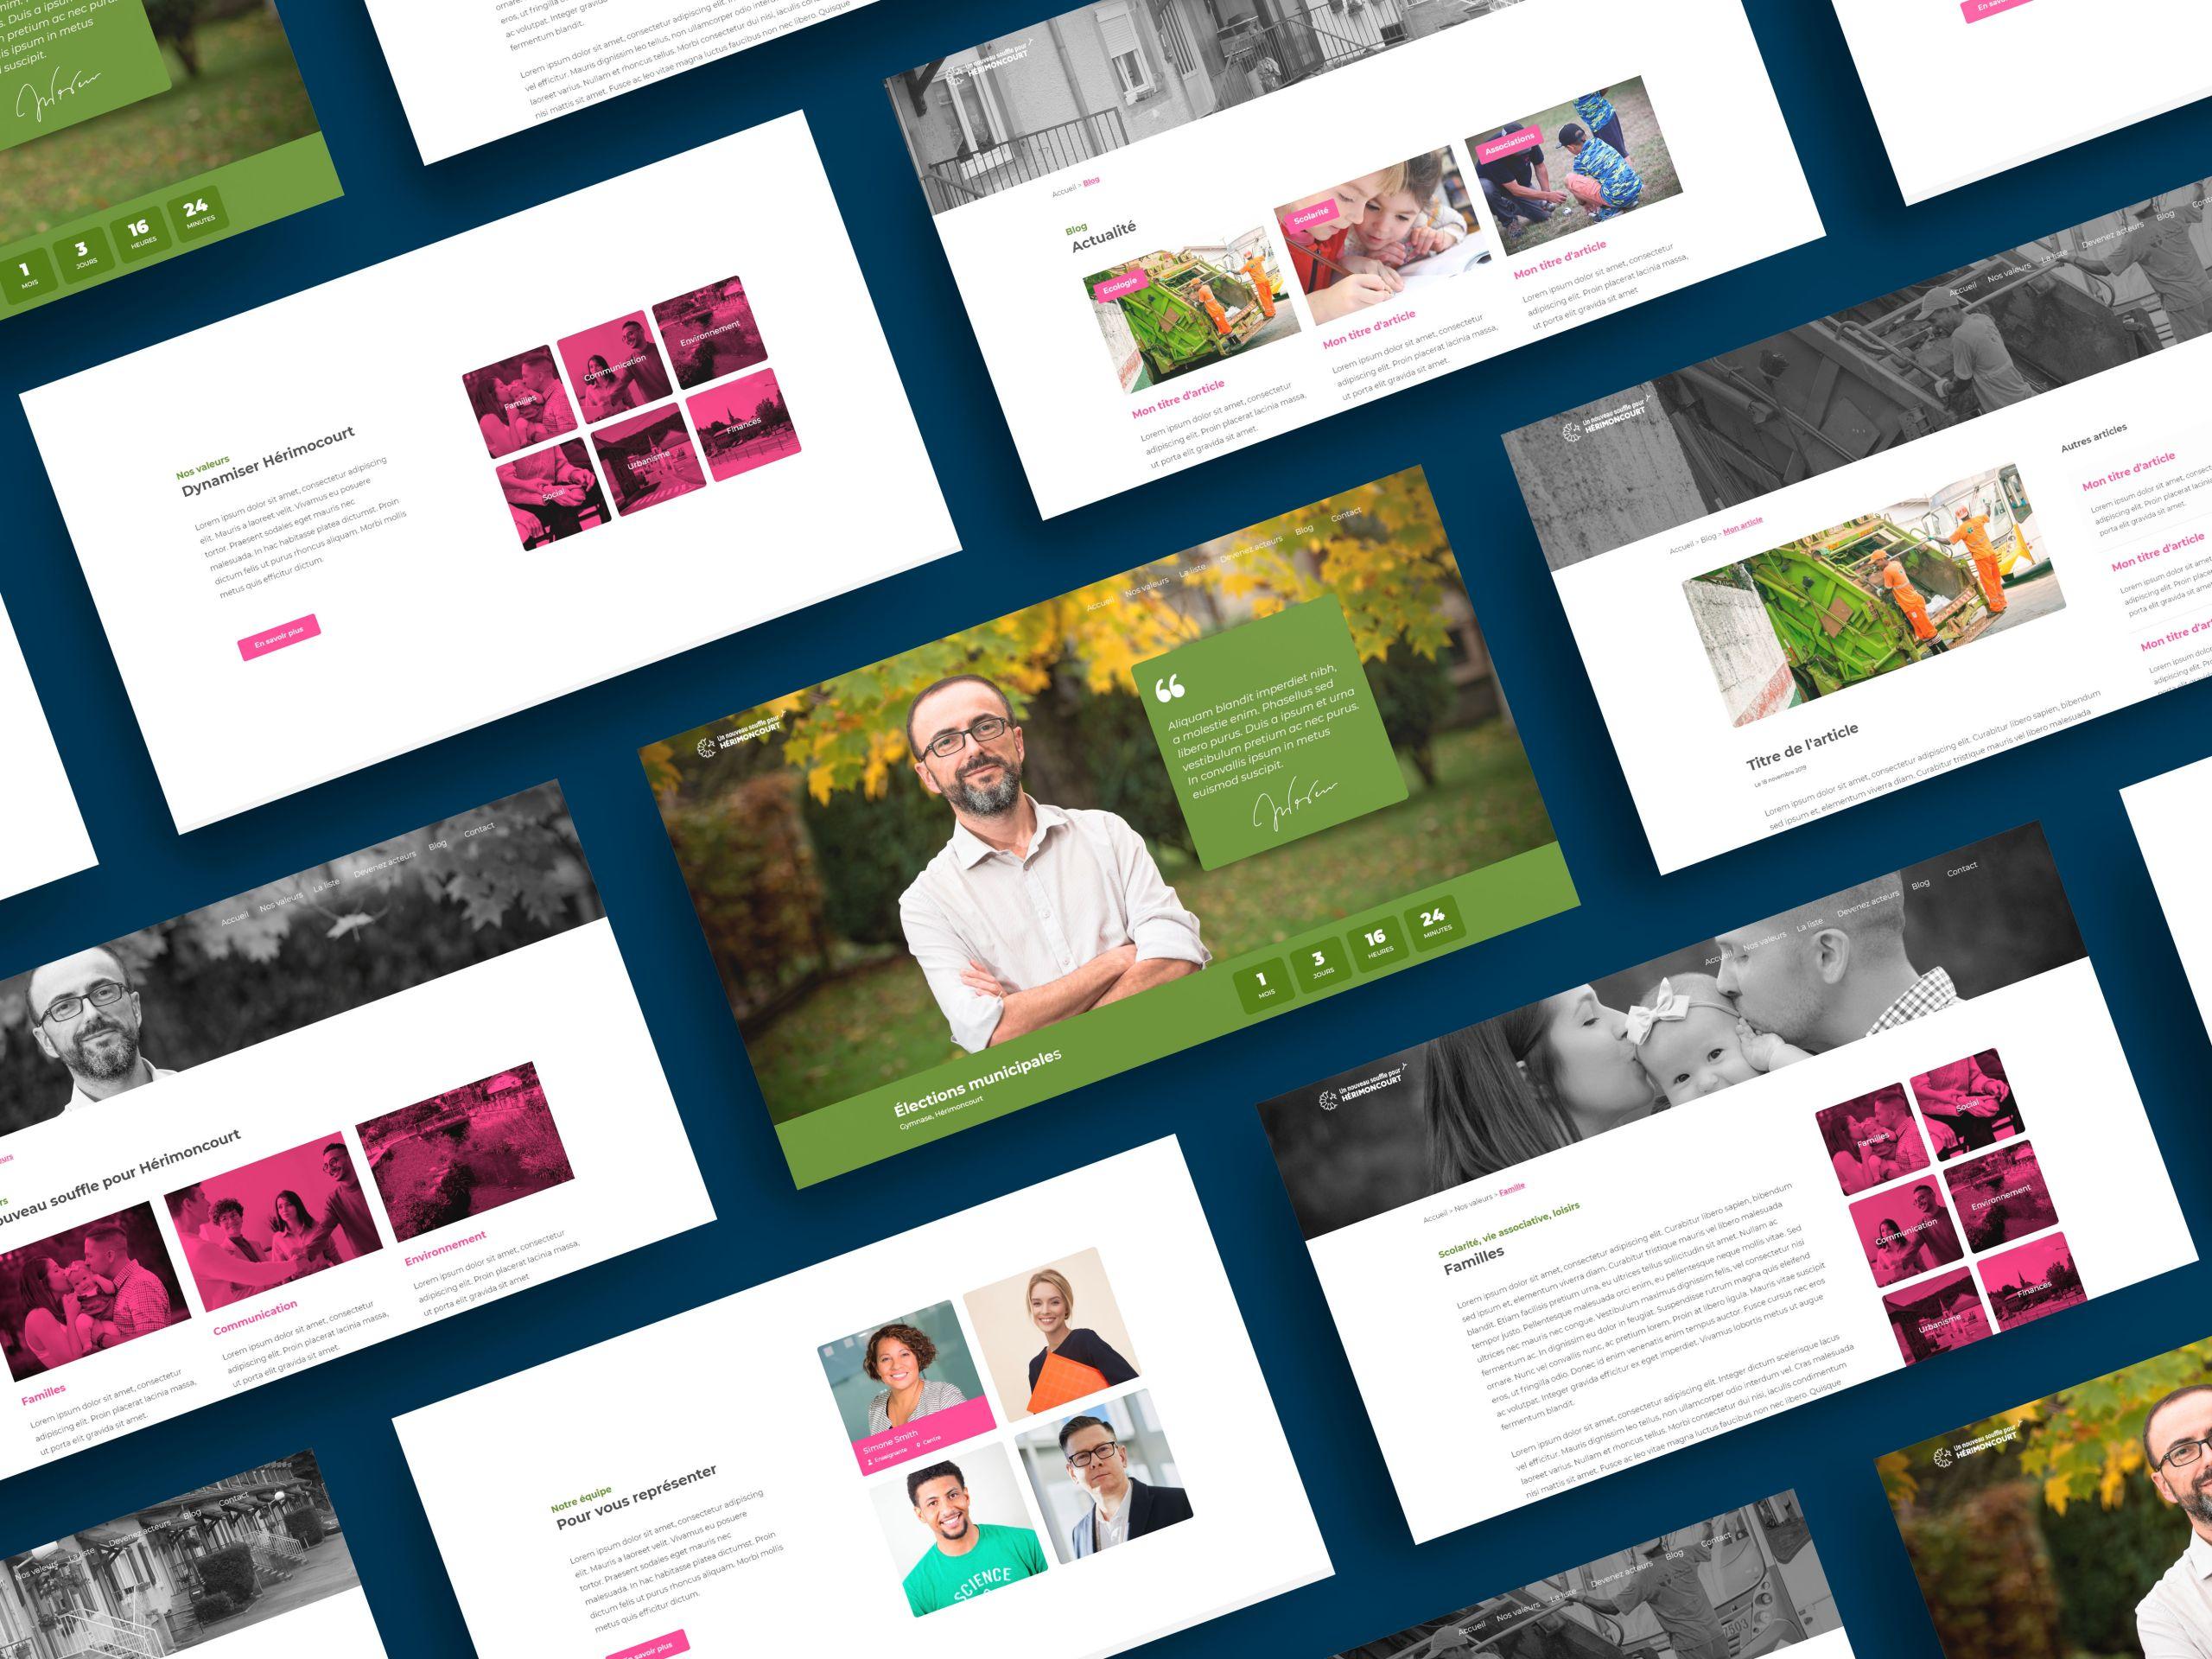 création d'un site internet pour des municipales de 2020